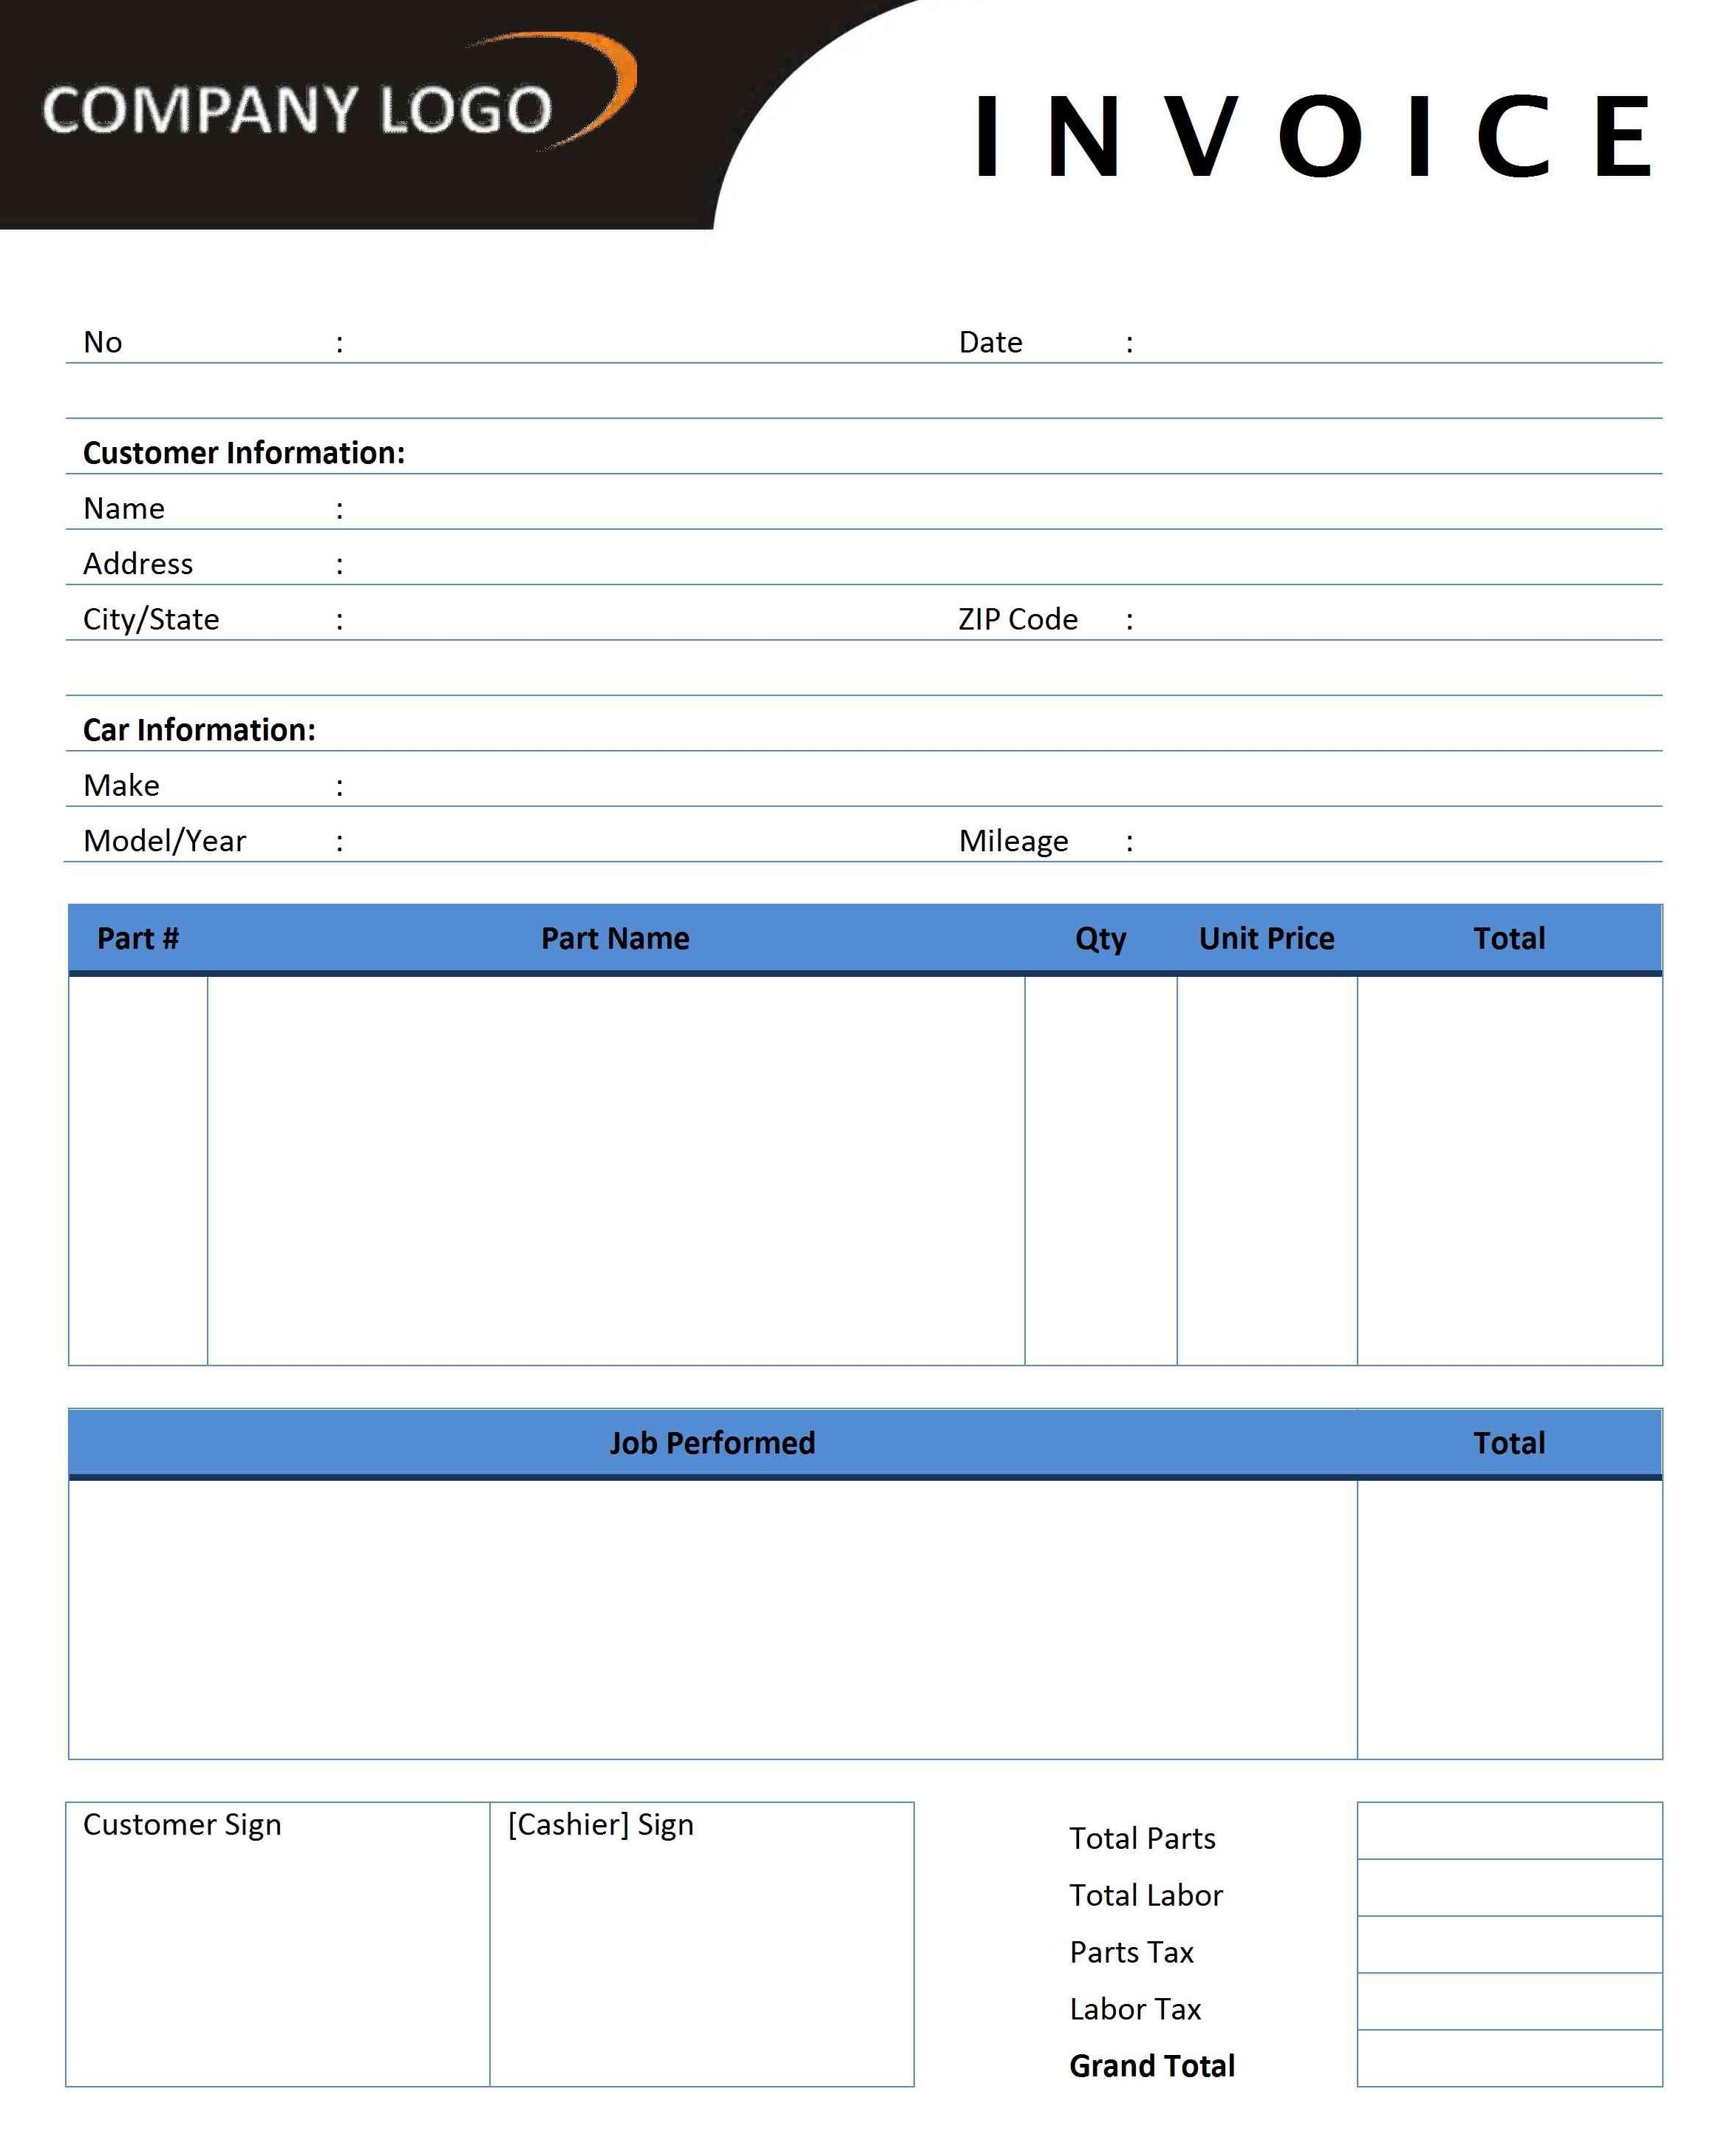 Auto Repair Invoice » OFFICETEMPLATES.NET